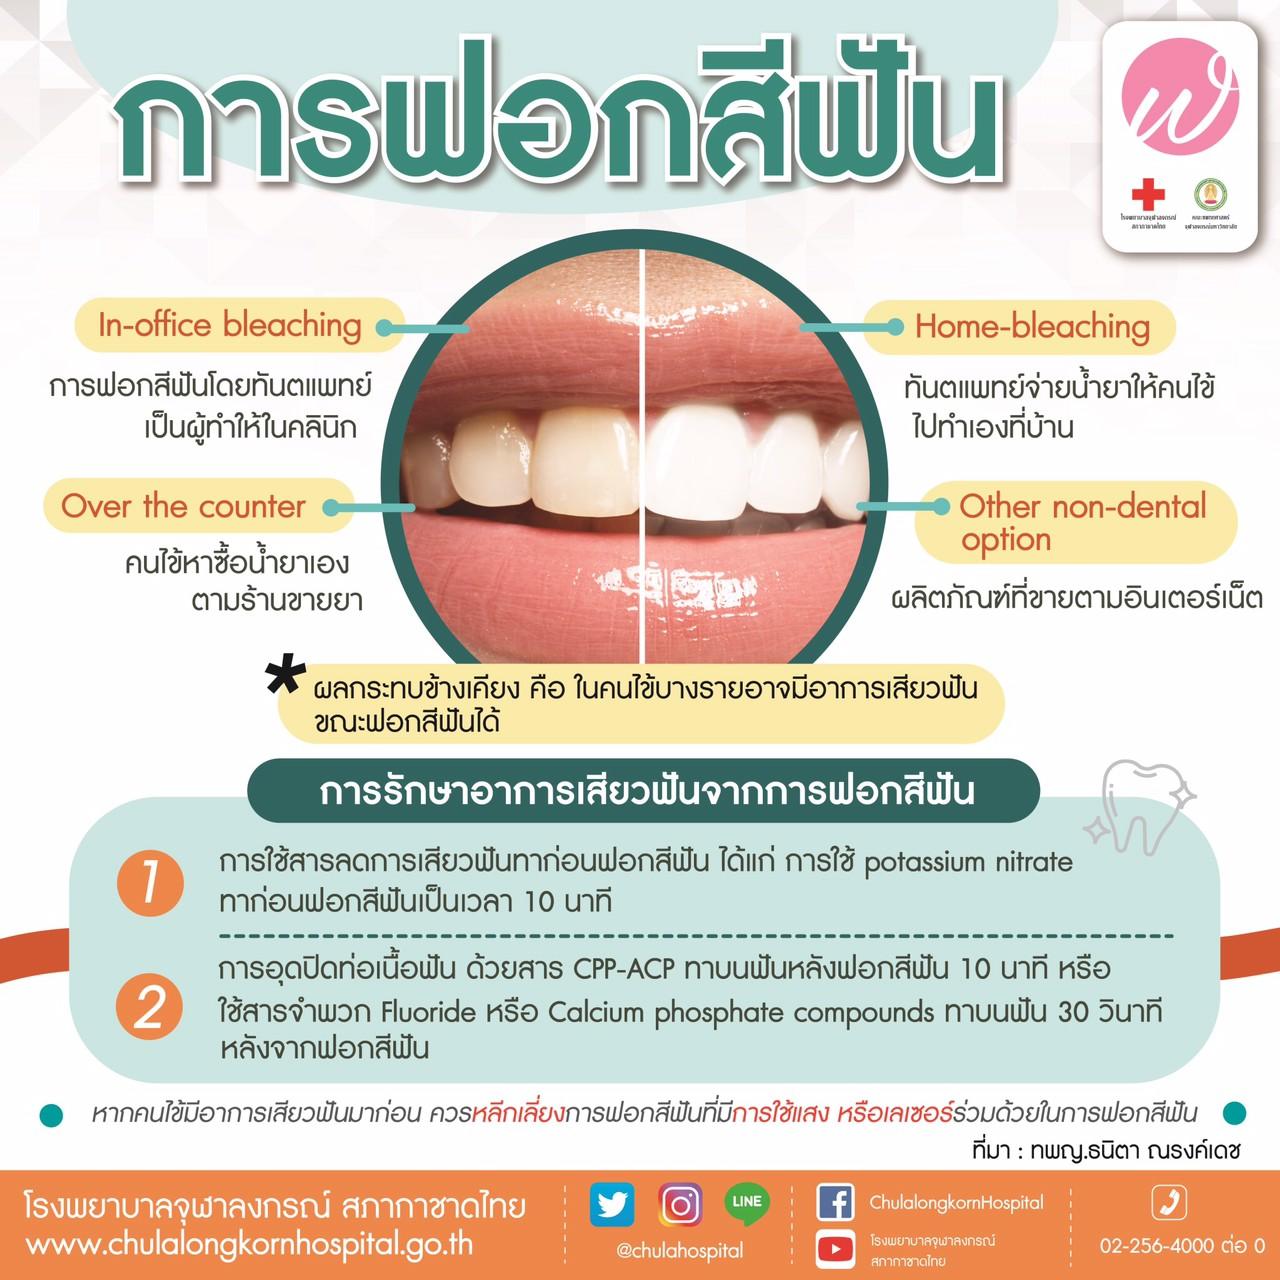 การฟอกสีฟัน